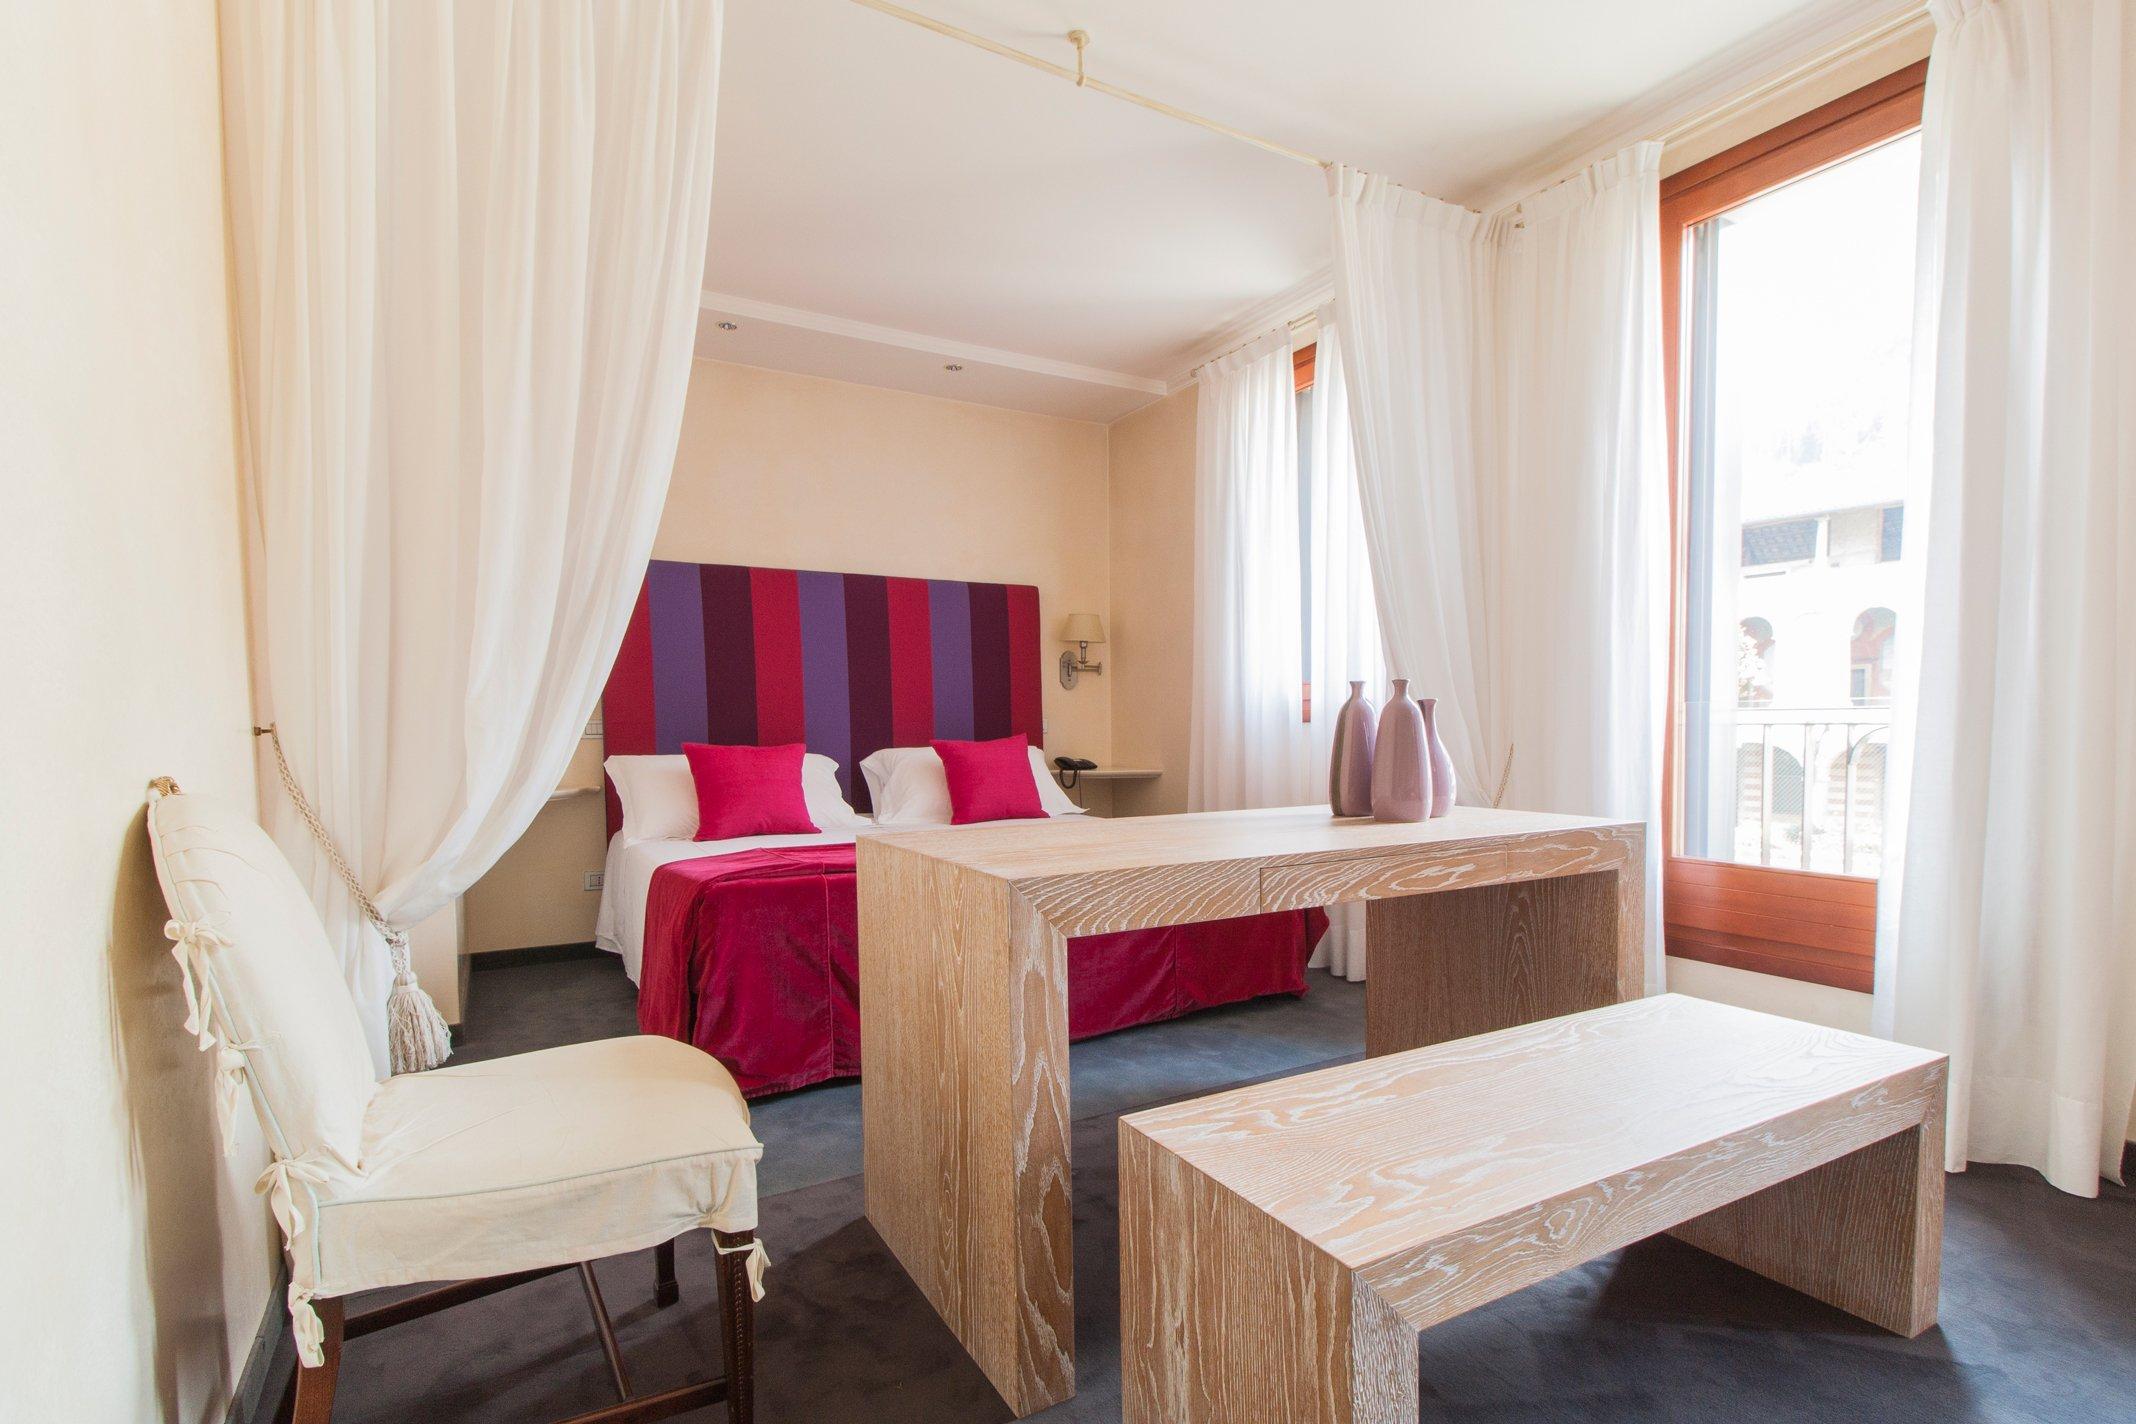 Hotel Dei Chiostri